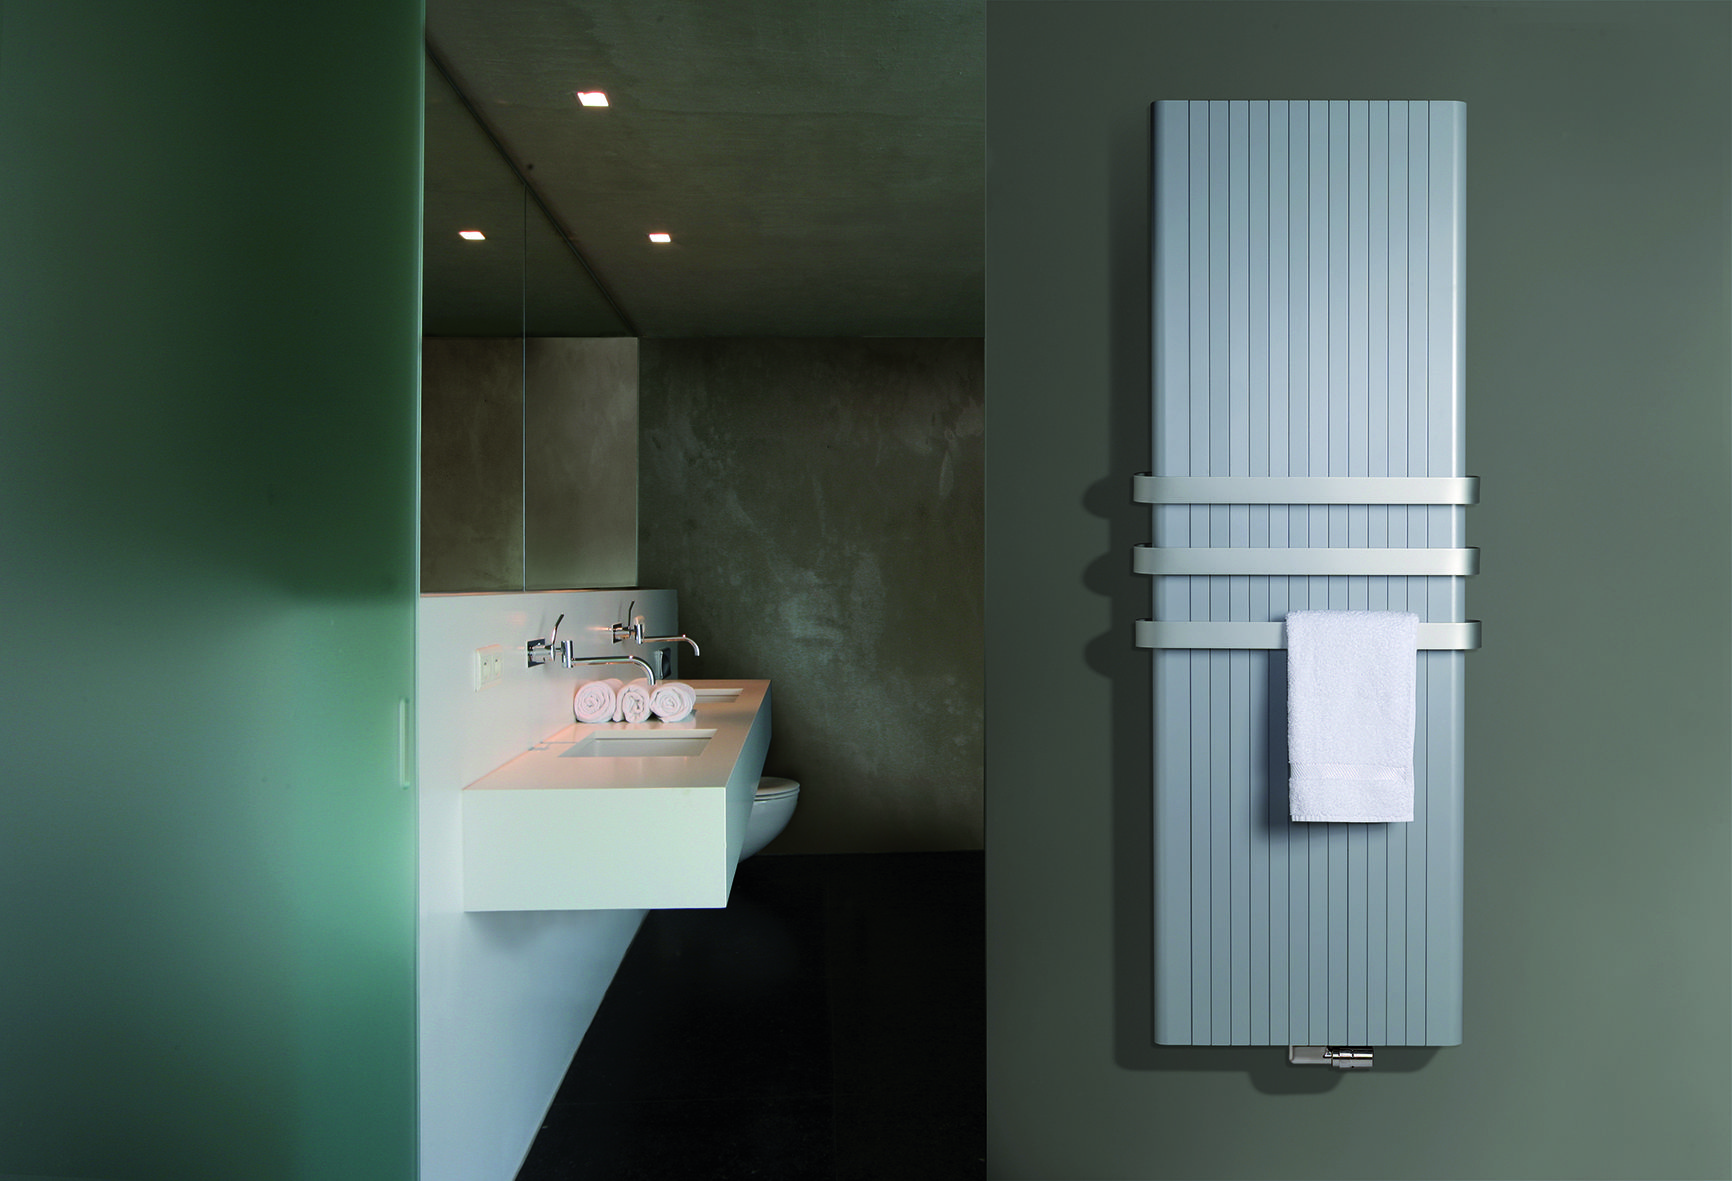 Functioneel En Esthetisch Decoratieve Radiatoren In De Badkamer Badkamer Inspiratie Prachtige Badkamers Badkamer Ontwerp